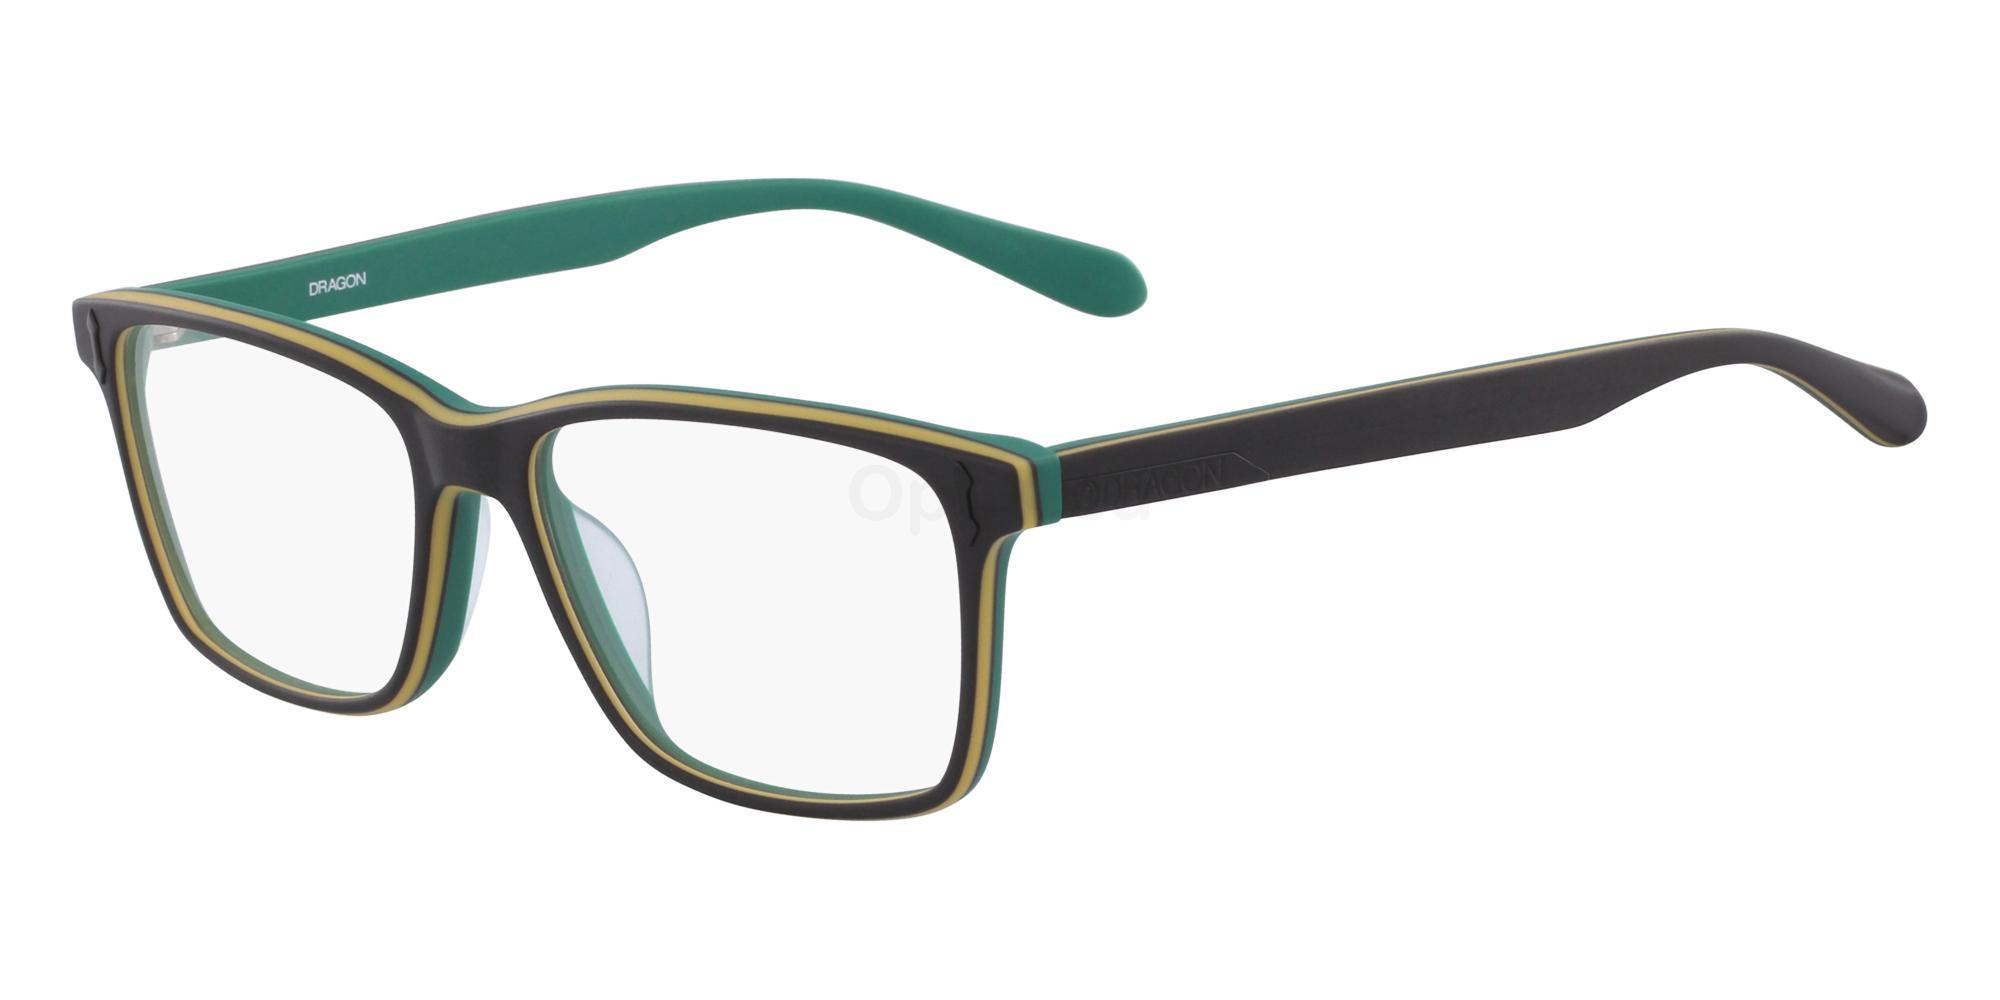 240 DR182 STEVE Glasses, Dragon